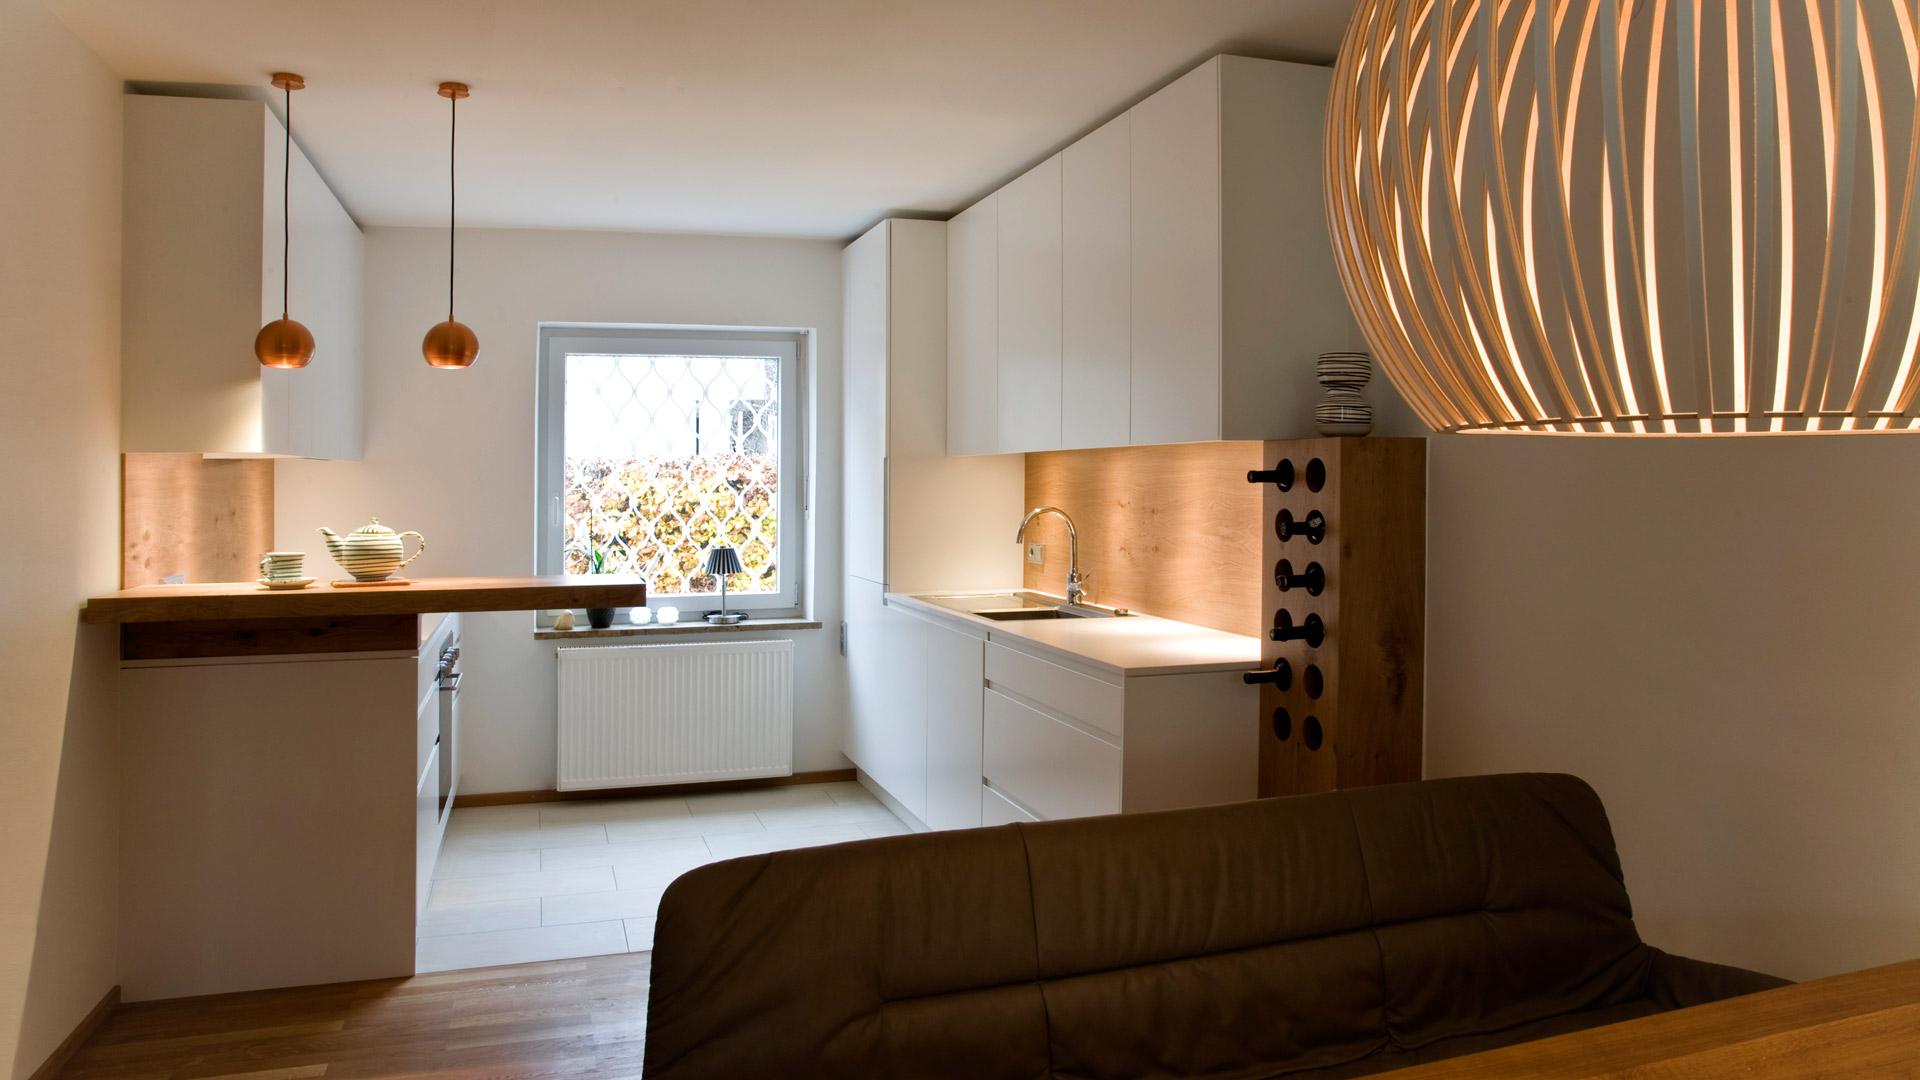 schreinerkueche 23 4. Black Bedroom Furniture Sets. Home Design Ideas